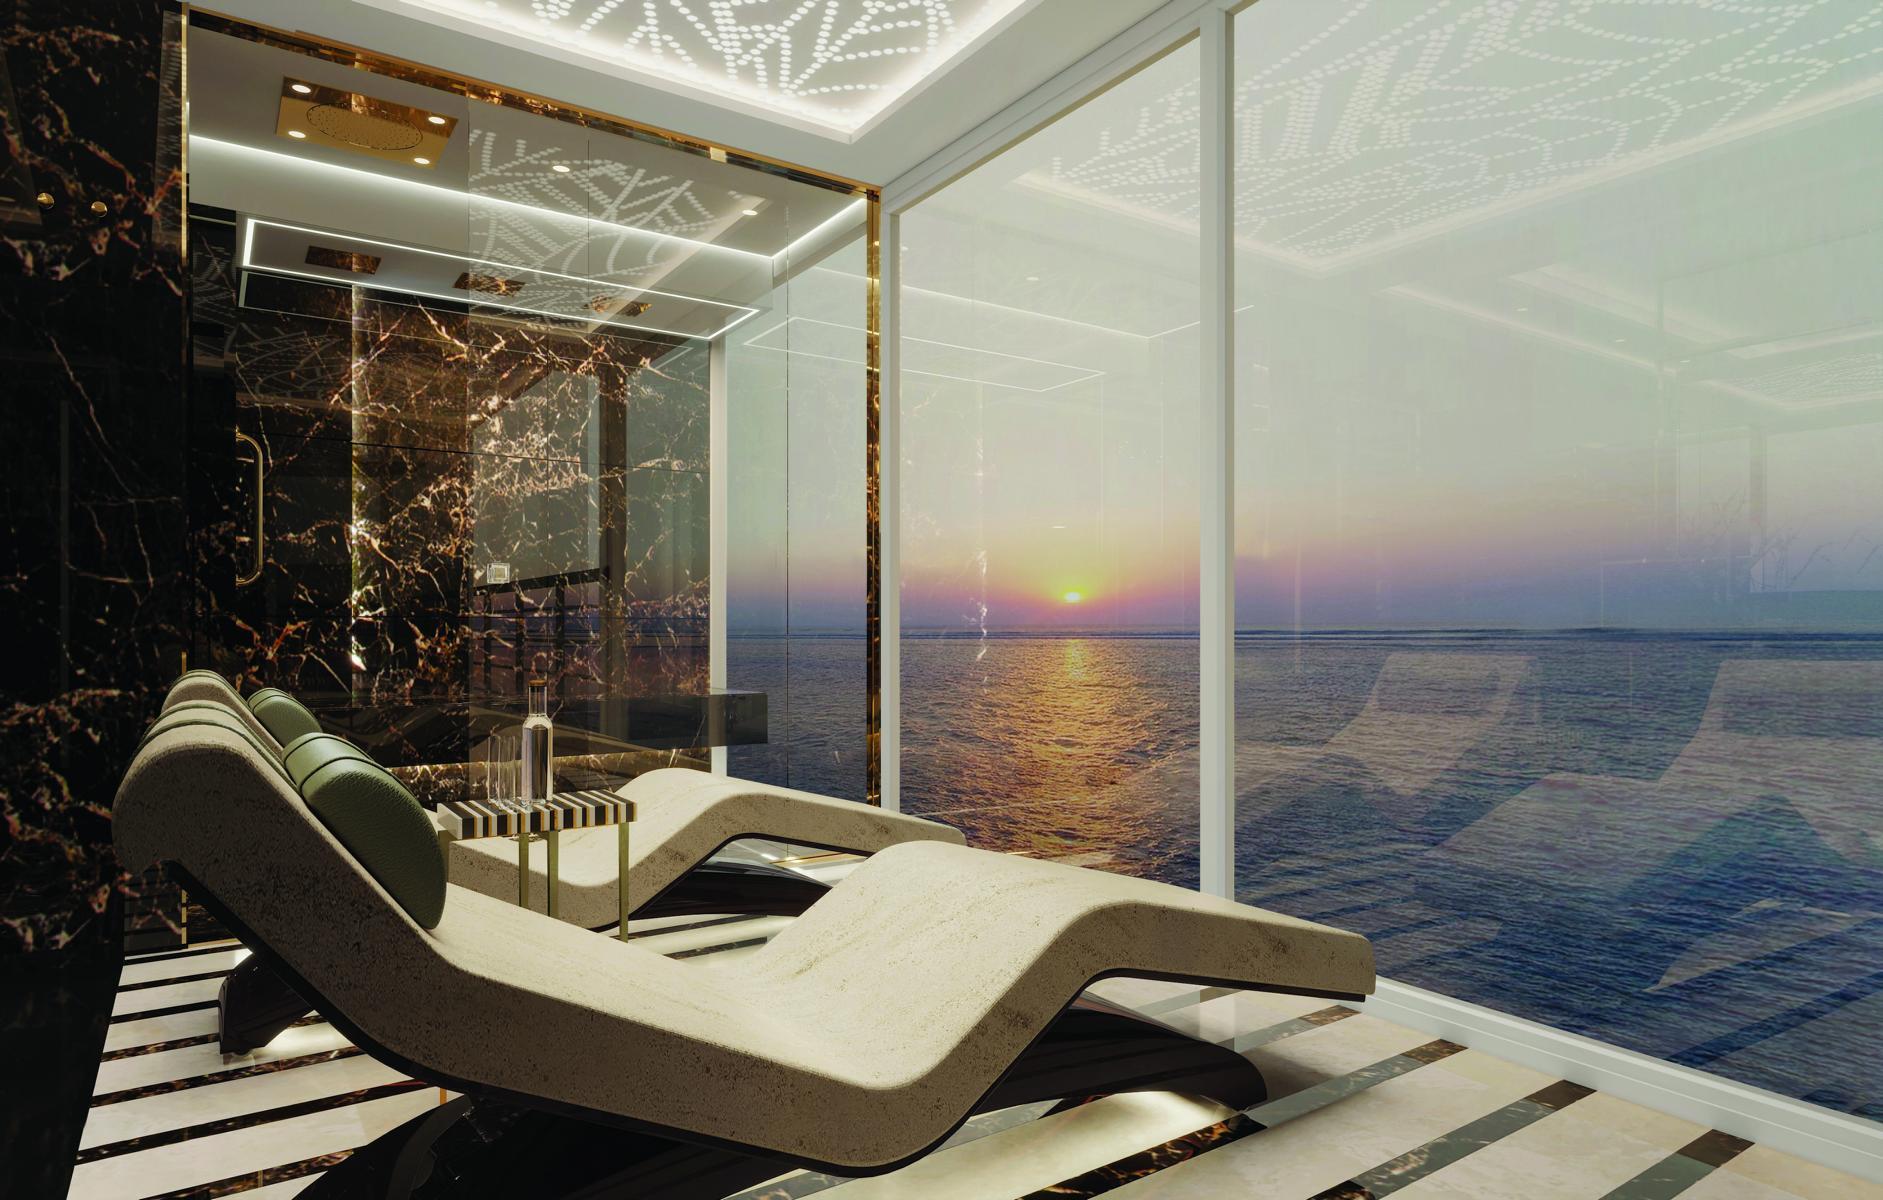 Liegestühle mit Ausblick in der Regent Suite auf der Regent Seven Seas Splendor